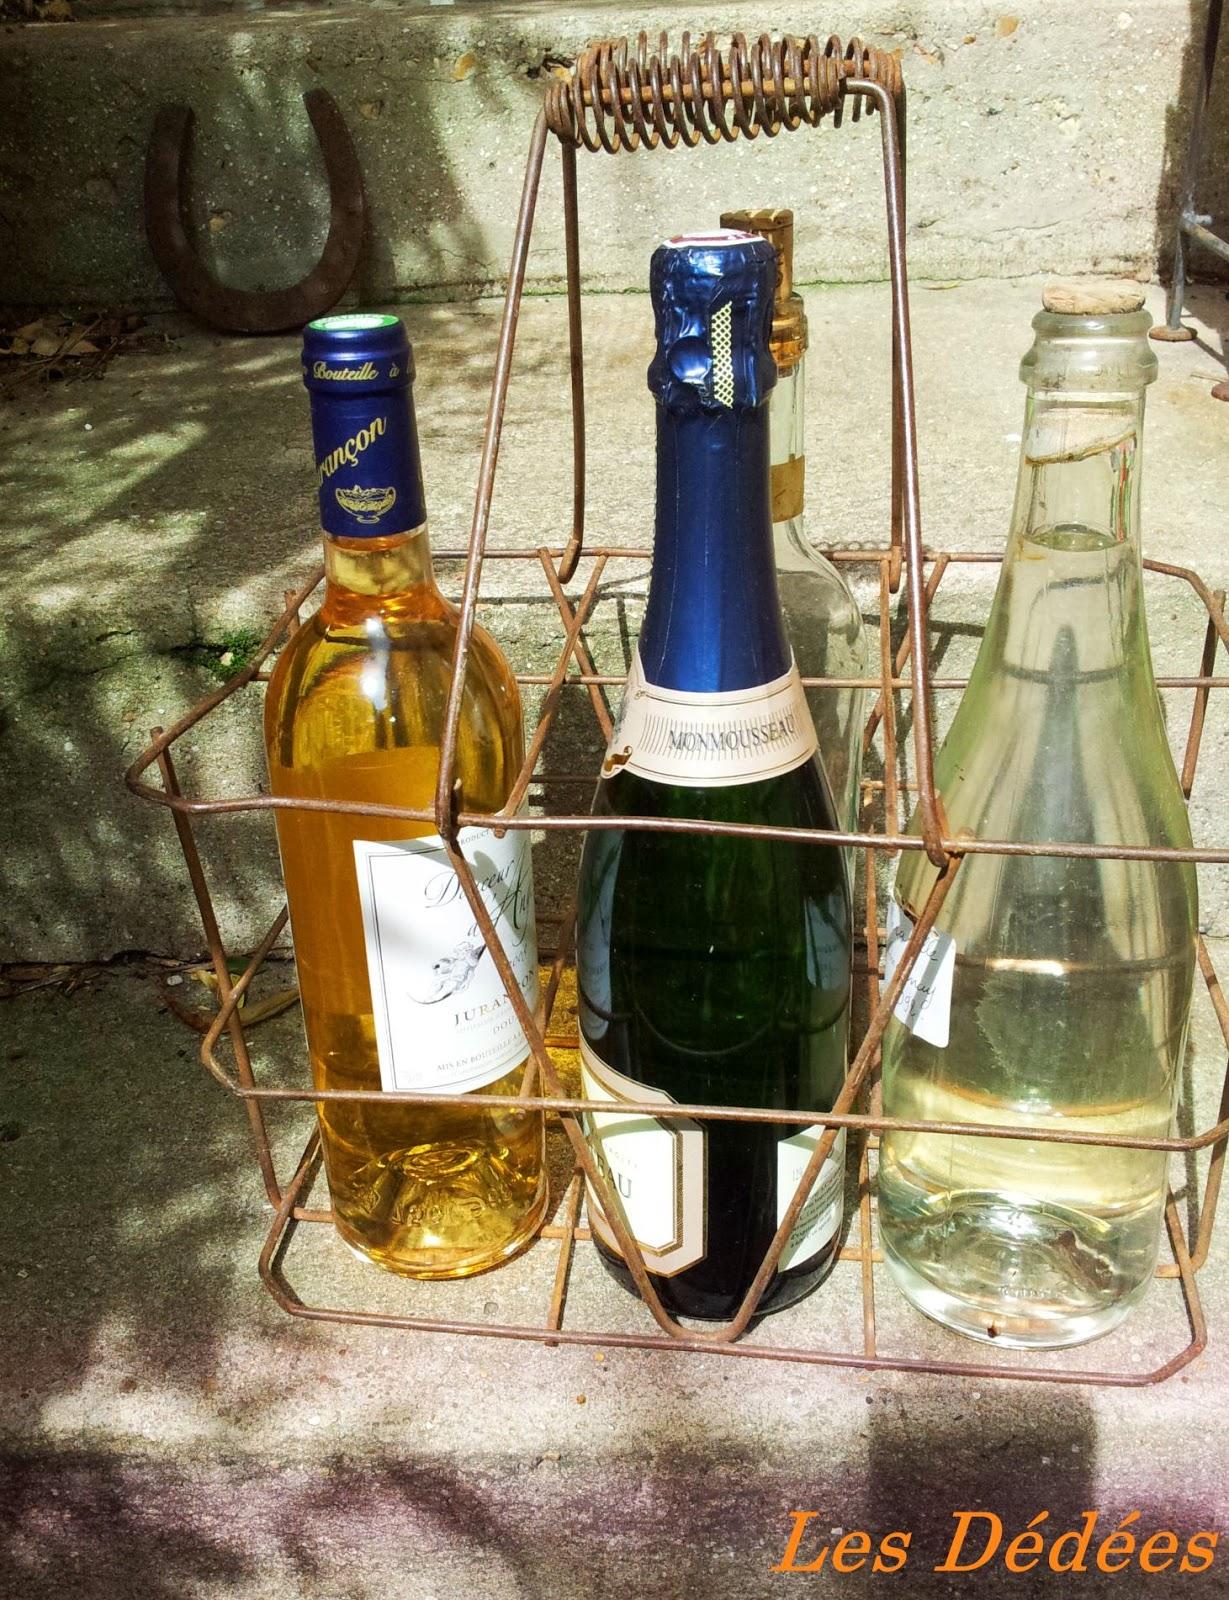 Les dedees : vintage, recup, creations: CASIER PORTE BOUTEILLE ...